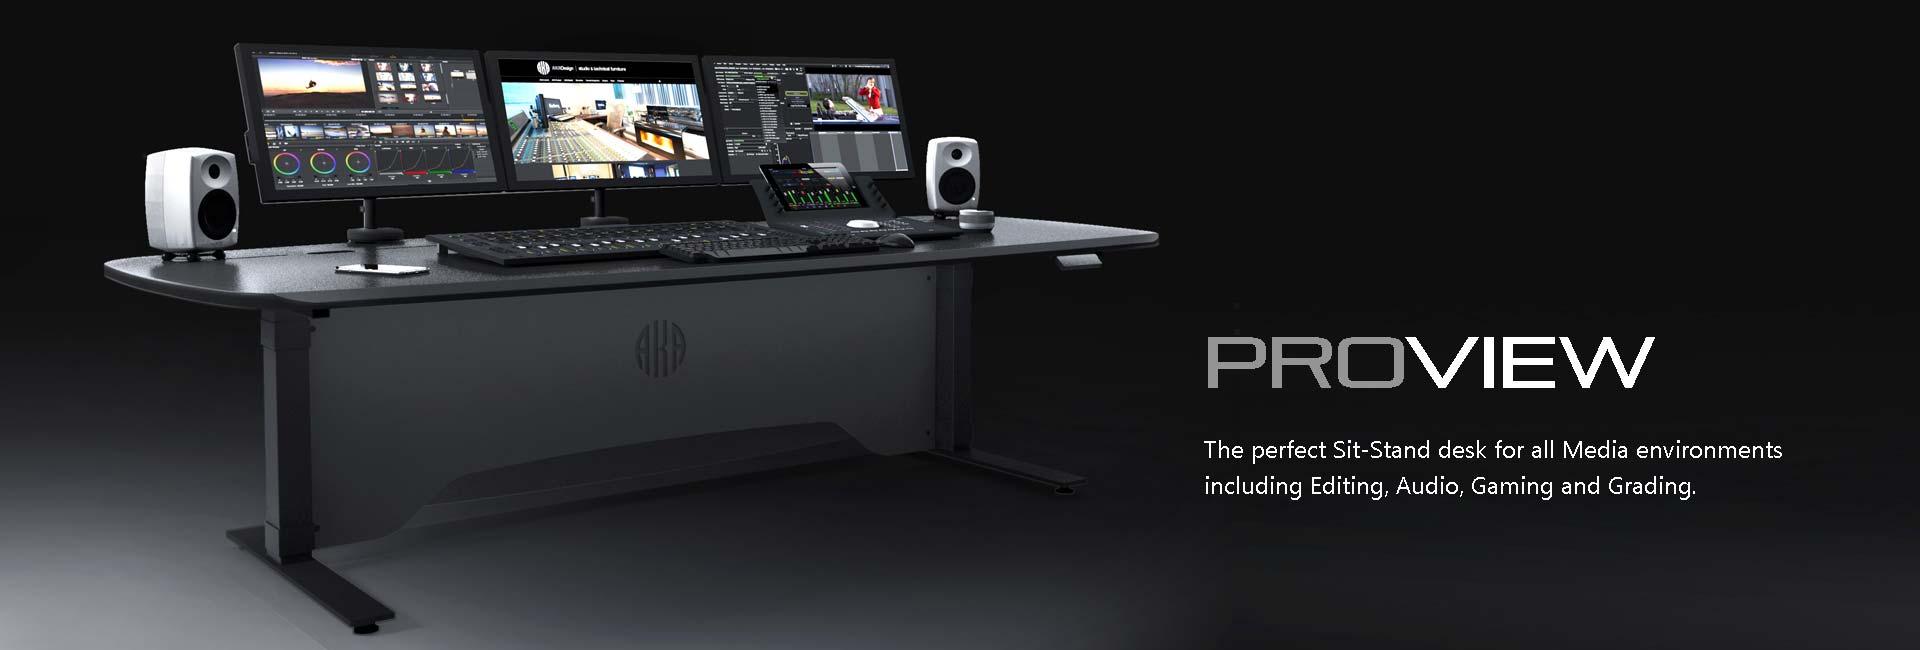 Aka Design Design Manufacture Of Edit Desks Grading Desks Audio Desks And Broadcast Consoles For The Media Industries